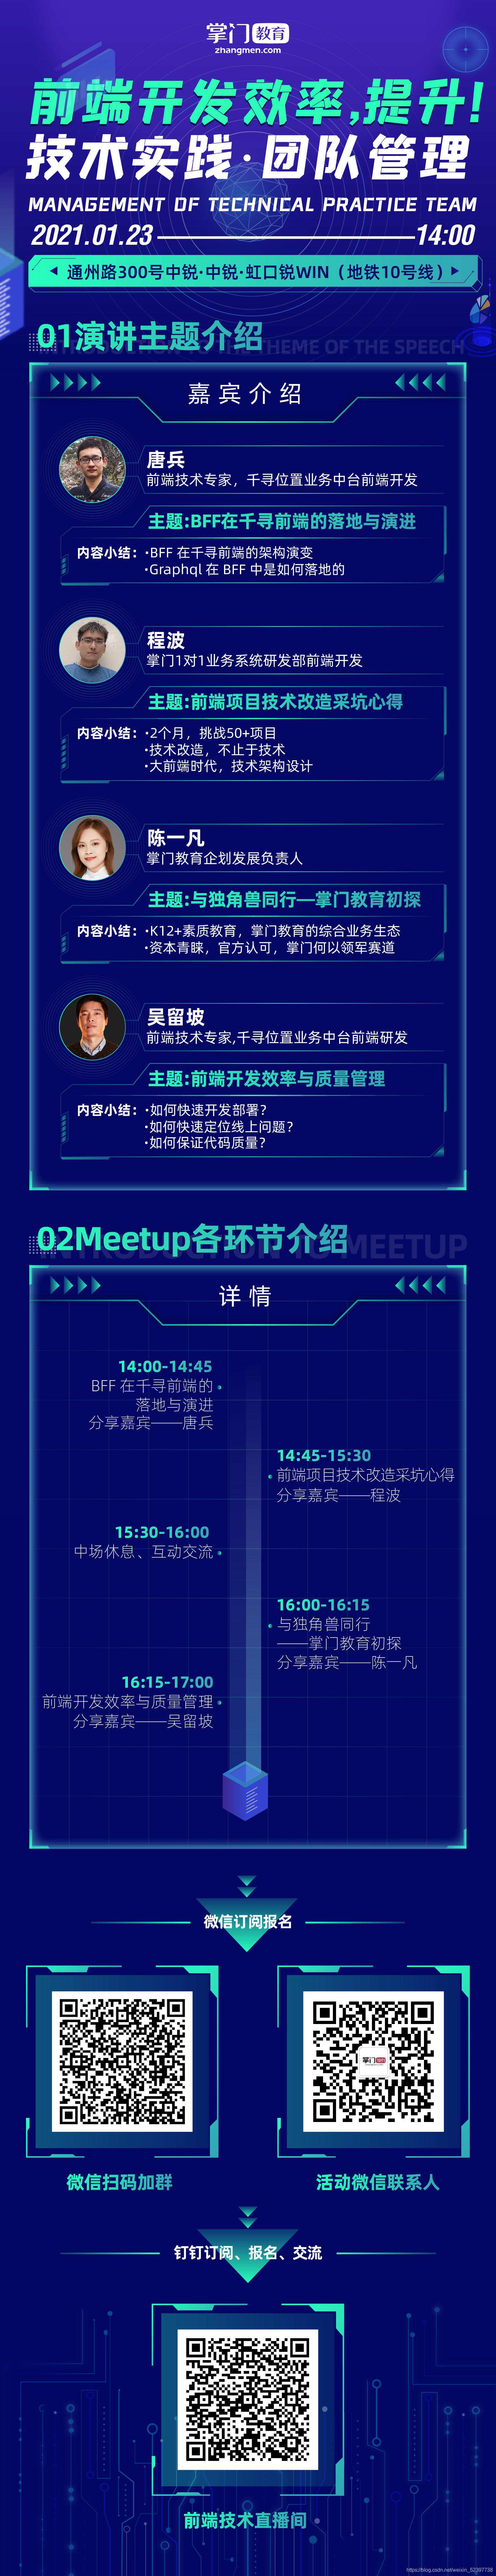 meetup邀请海报